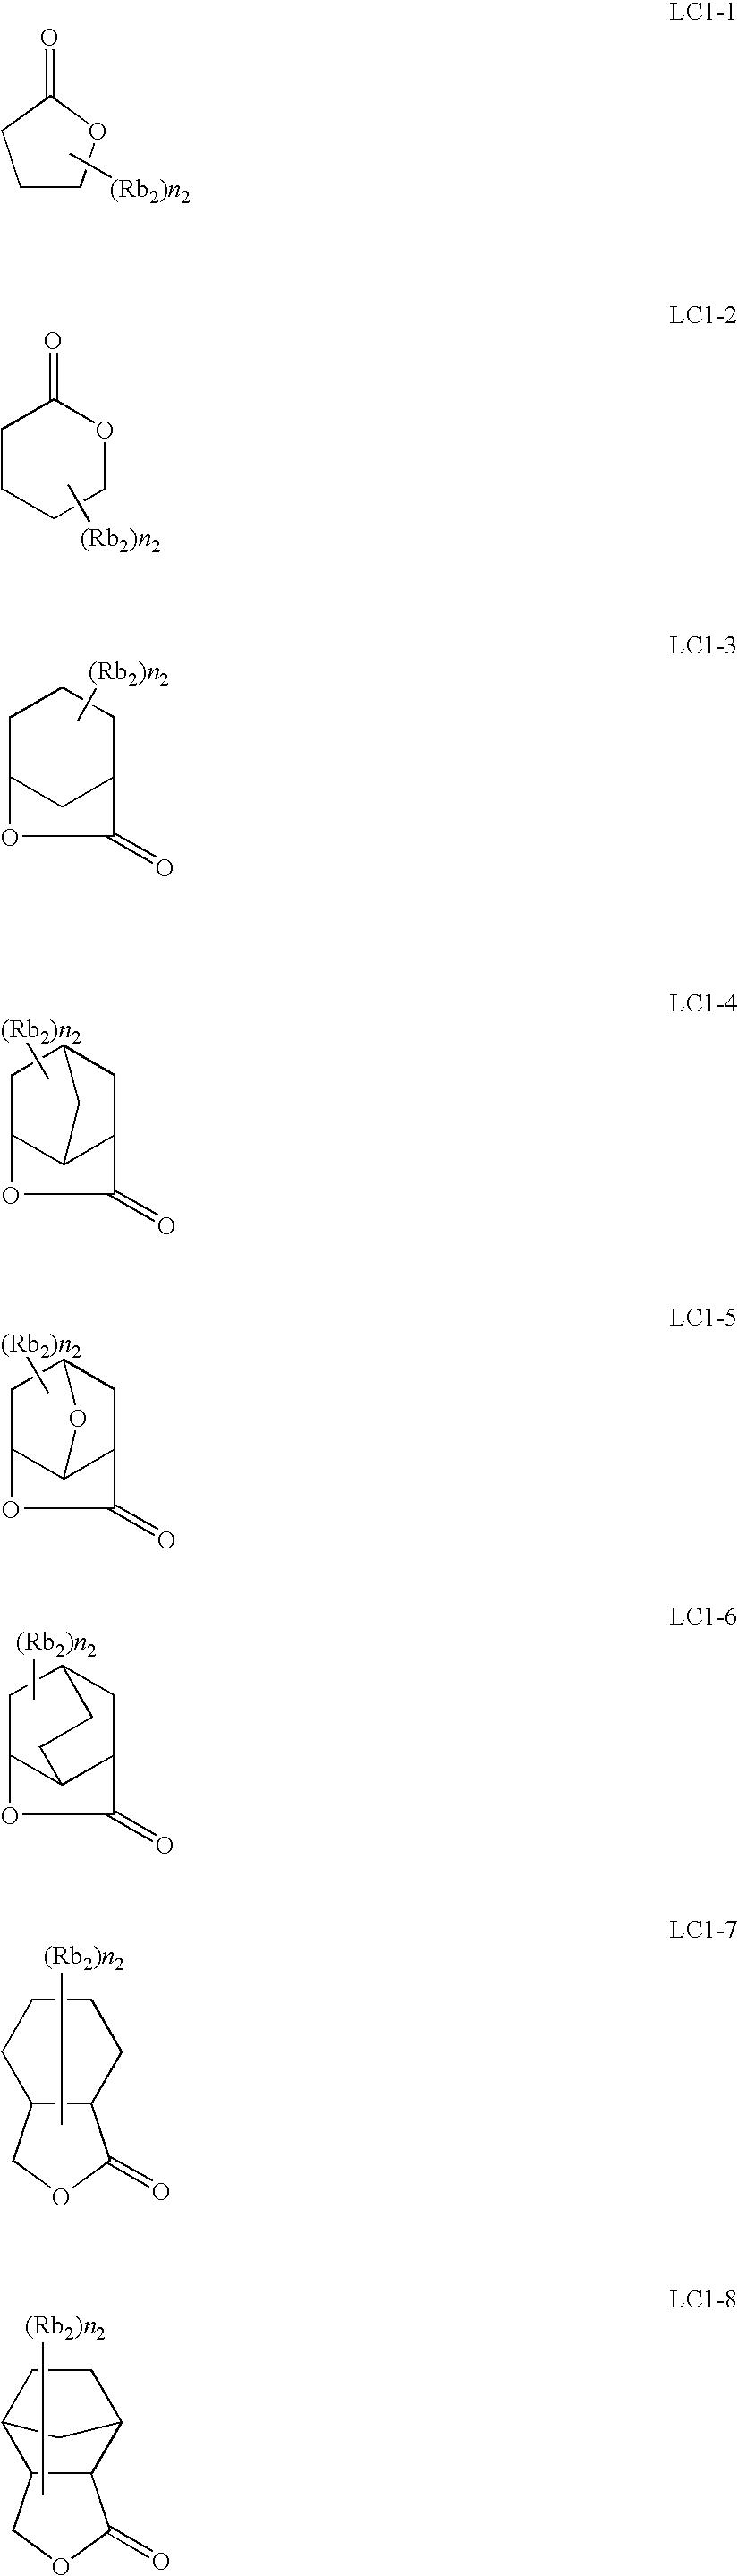 Figure US20100183975A1-20100722-C00130